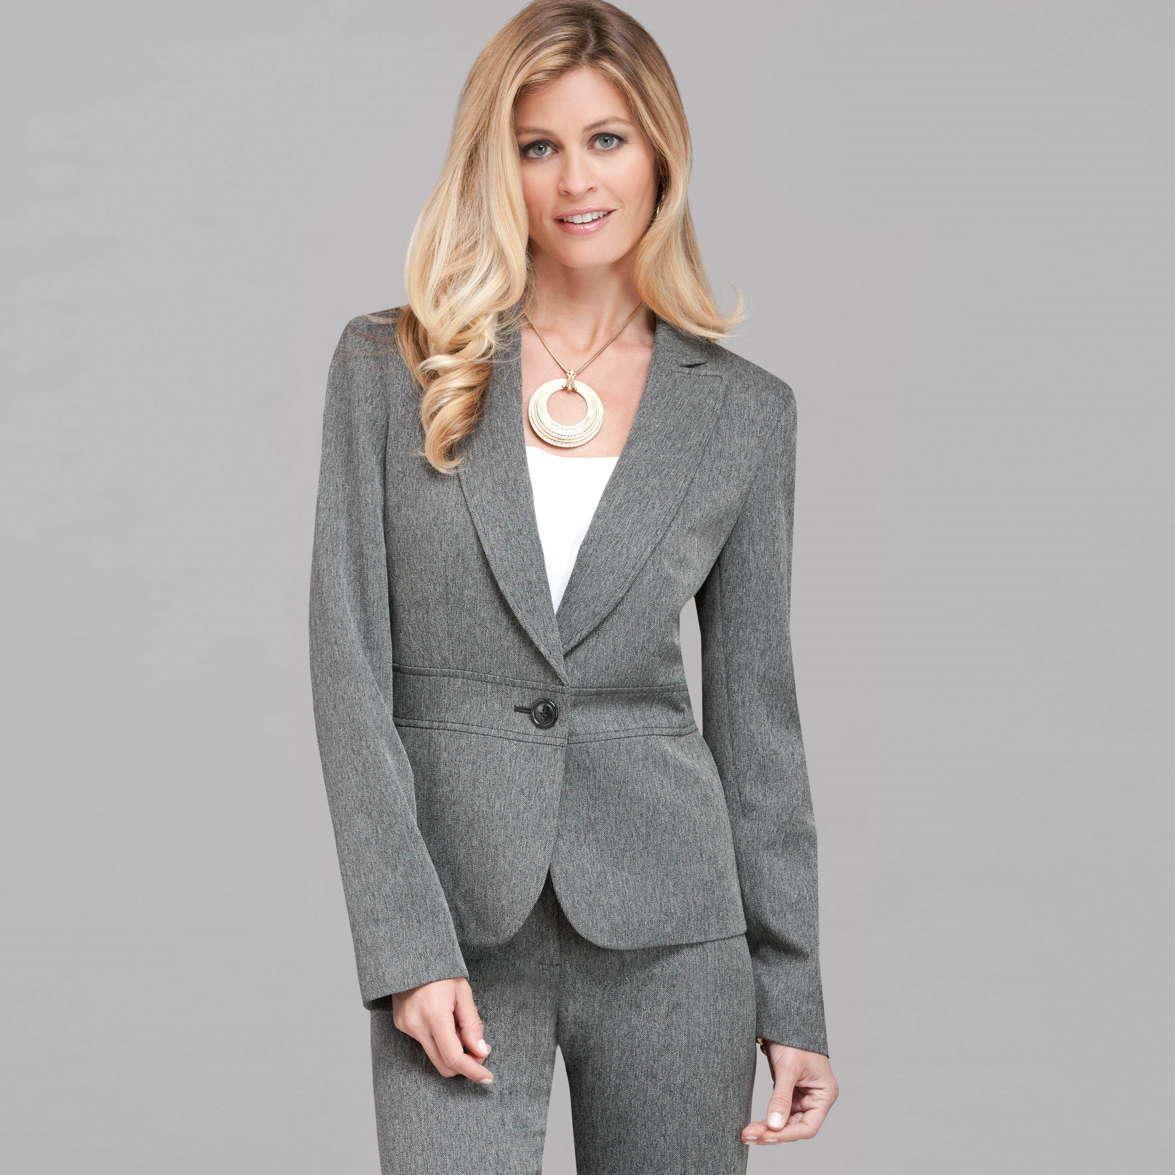 2019 Spor Takım Elbise Bayan